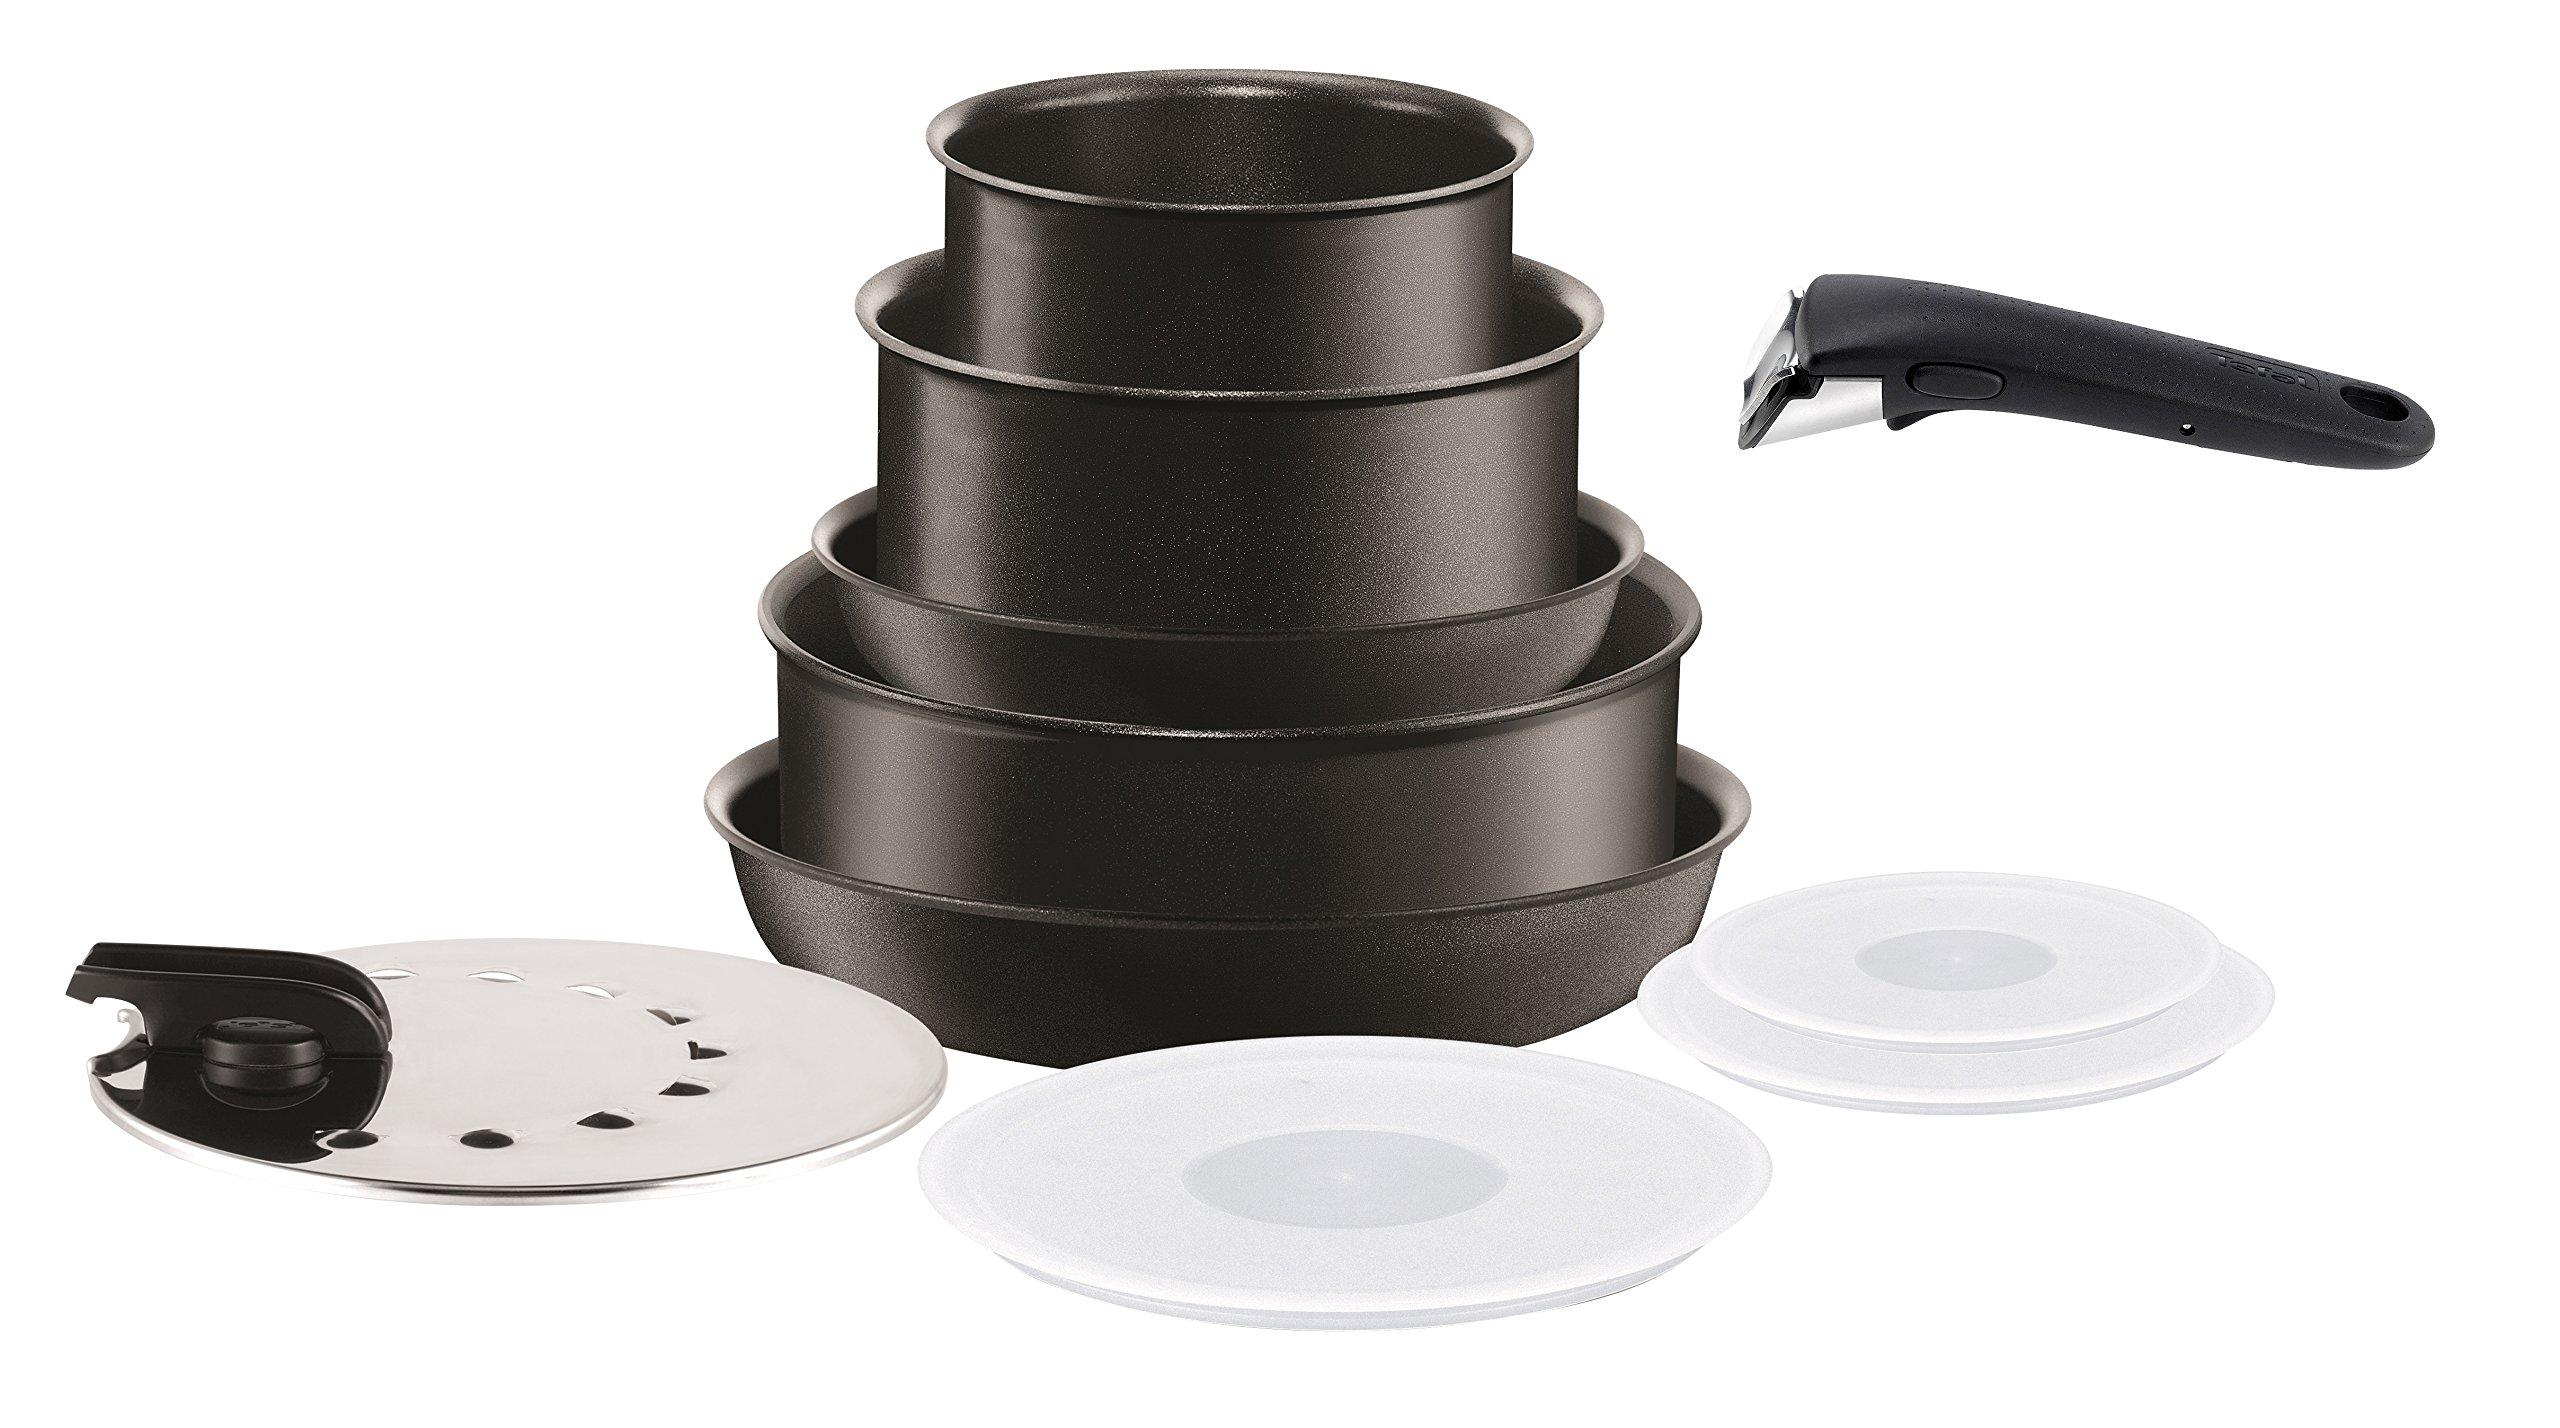 Tefal L6549602 Set de 10 Piezas de cocinar, Aleación, Negro, 1 cm product